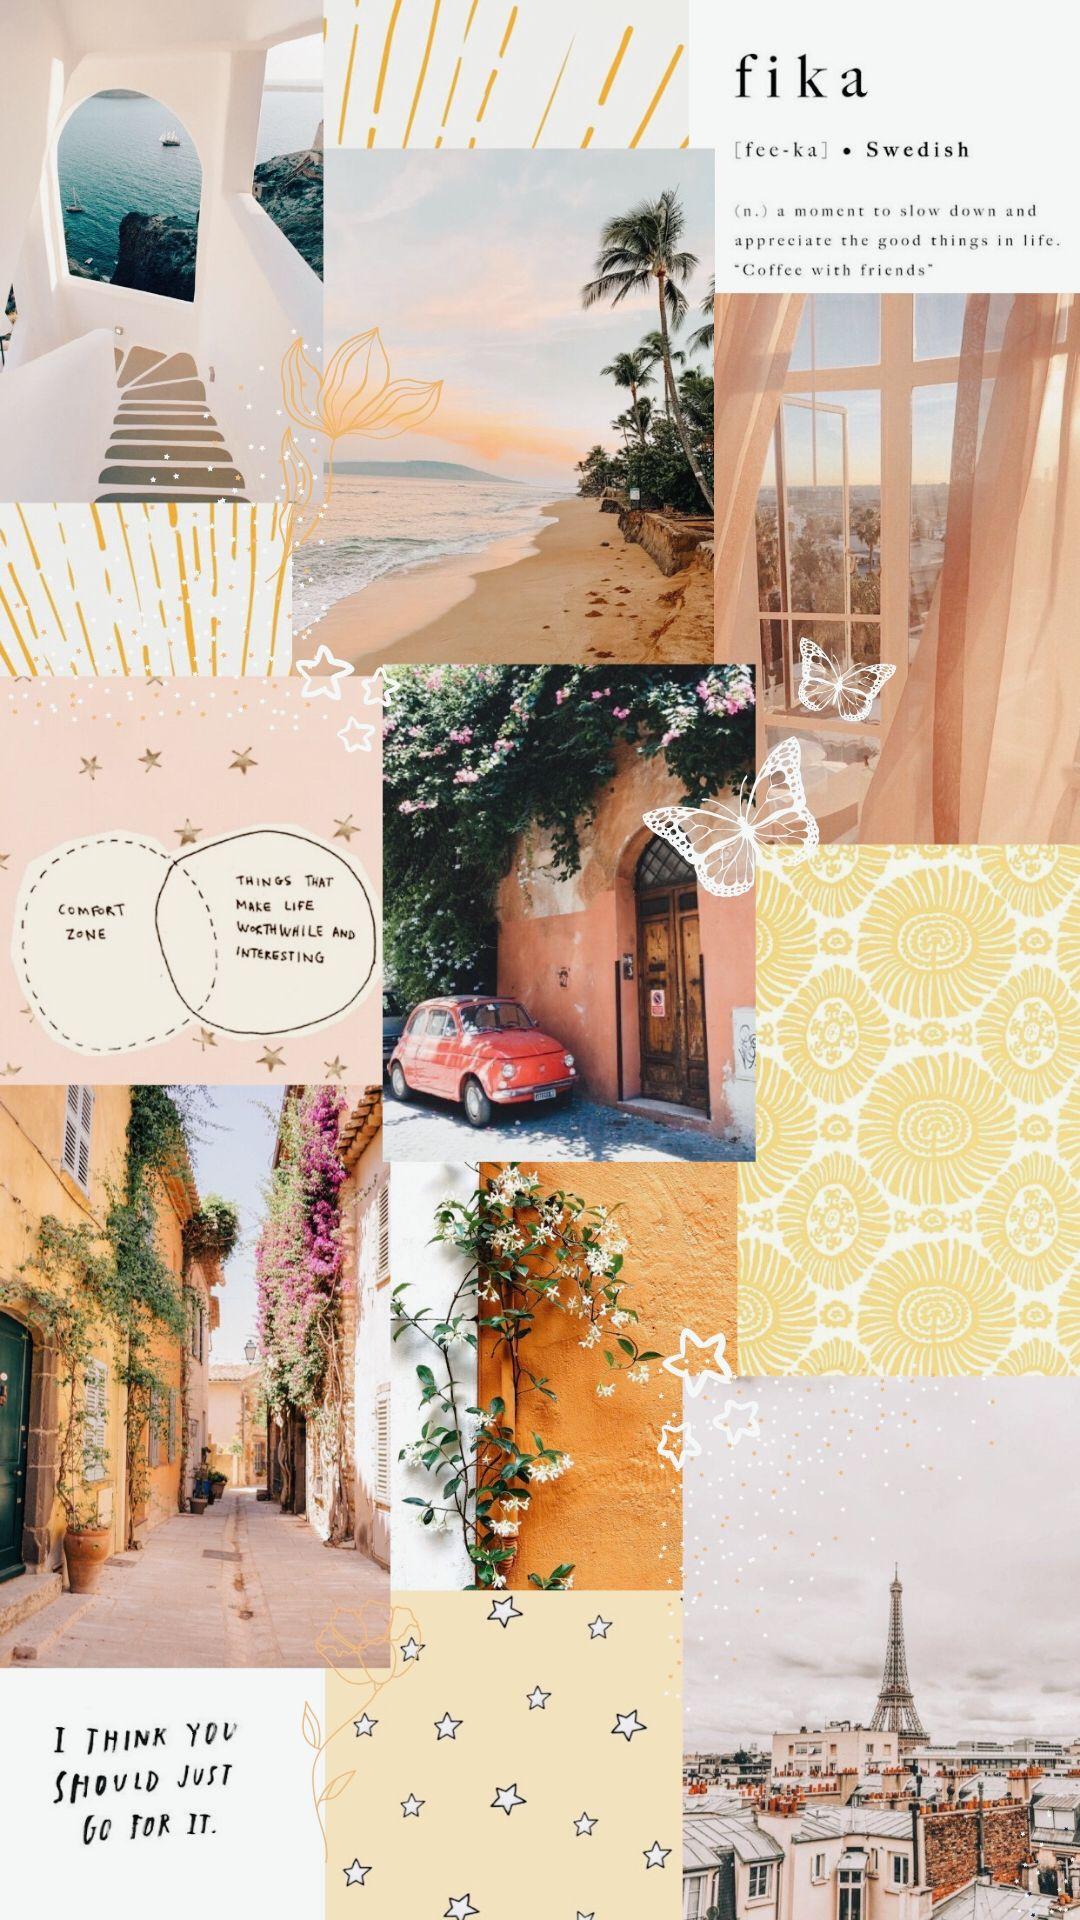 by jori #aestheticwallpaper #aesthetic #travelaesthetic #collage #wallpapers #wallpaper #travelphotography #travelwallpaper